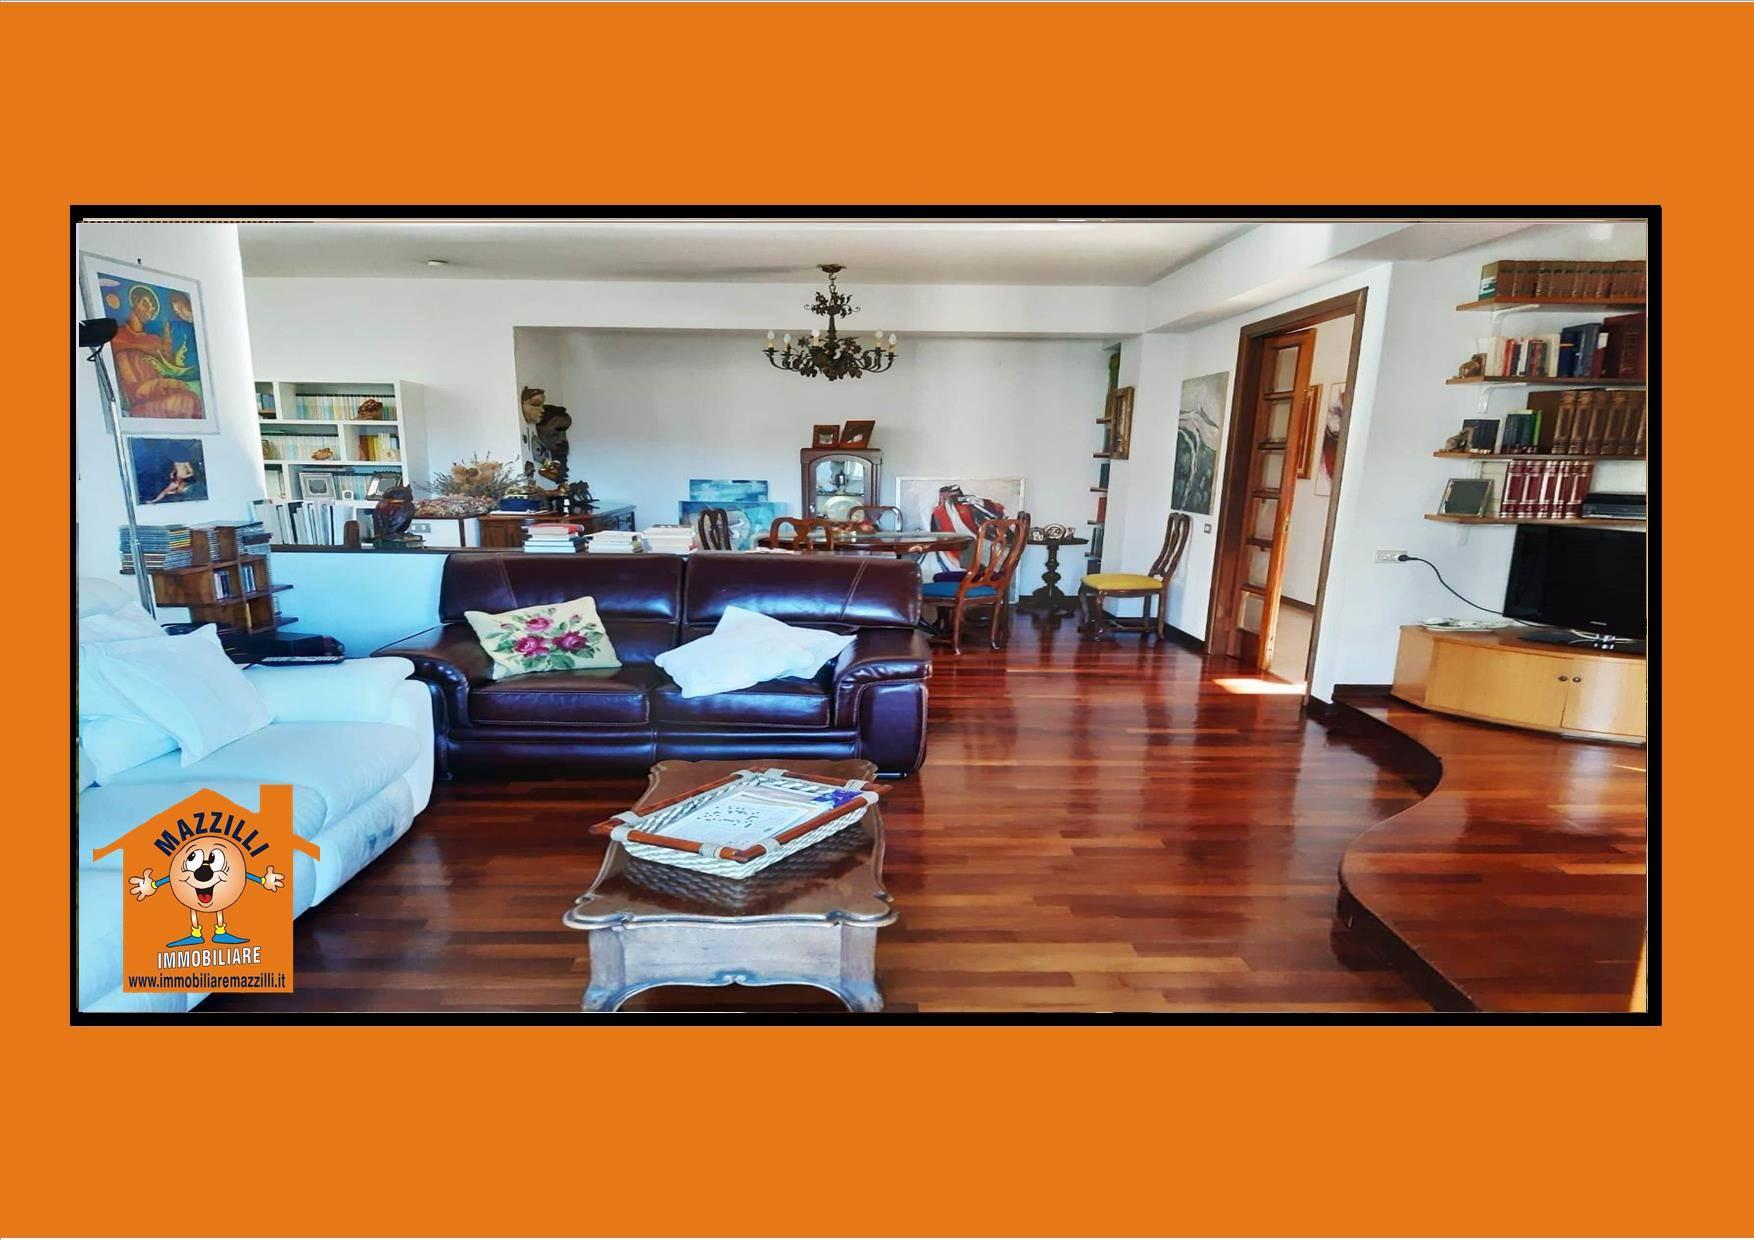 Appartamento in vendita a Potenza, 5 locali, prezzo € 158.000 | PortaleAgenzieImmobiliari.it